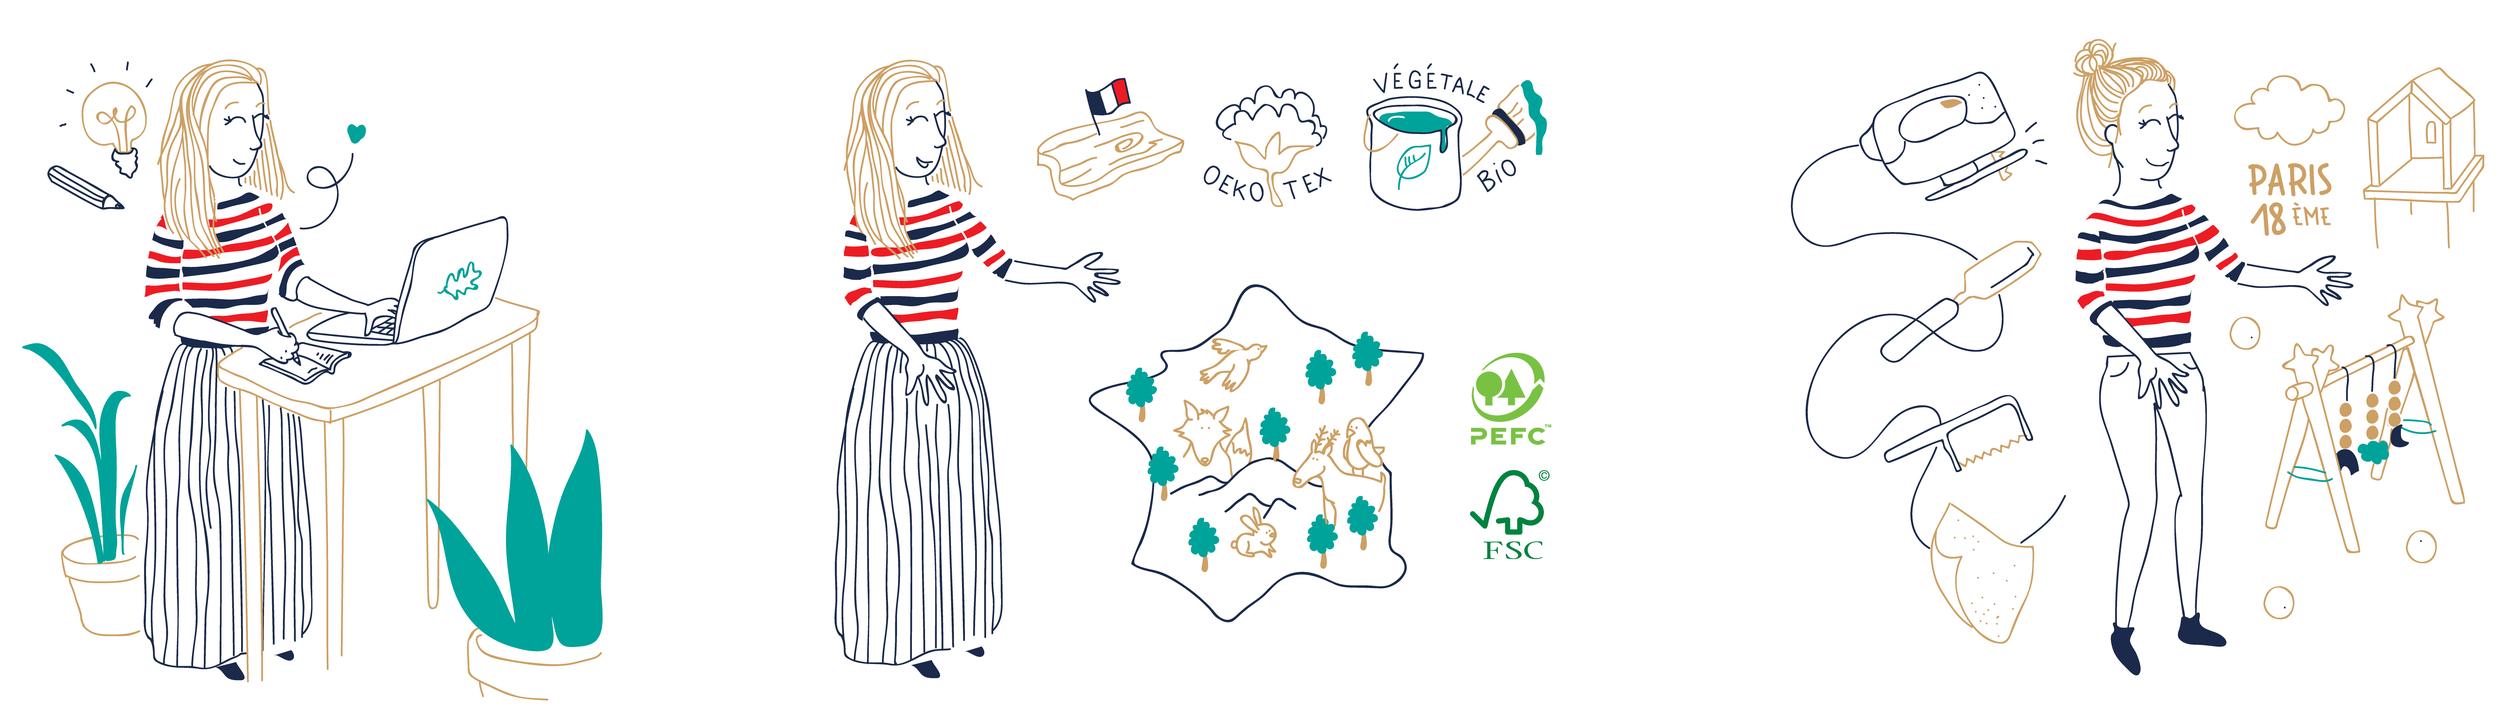 Merci à Céline fondatrice d'Atelier Gabrielle d'être venue papoter entrepreneuriat et parcours de vie le temps d'une newsletter de La Vraie Dose